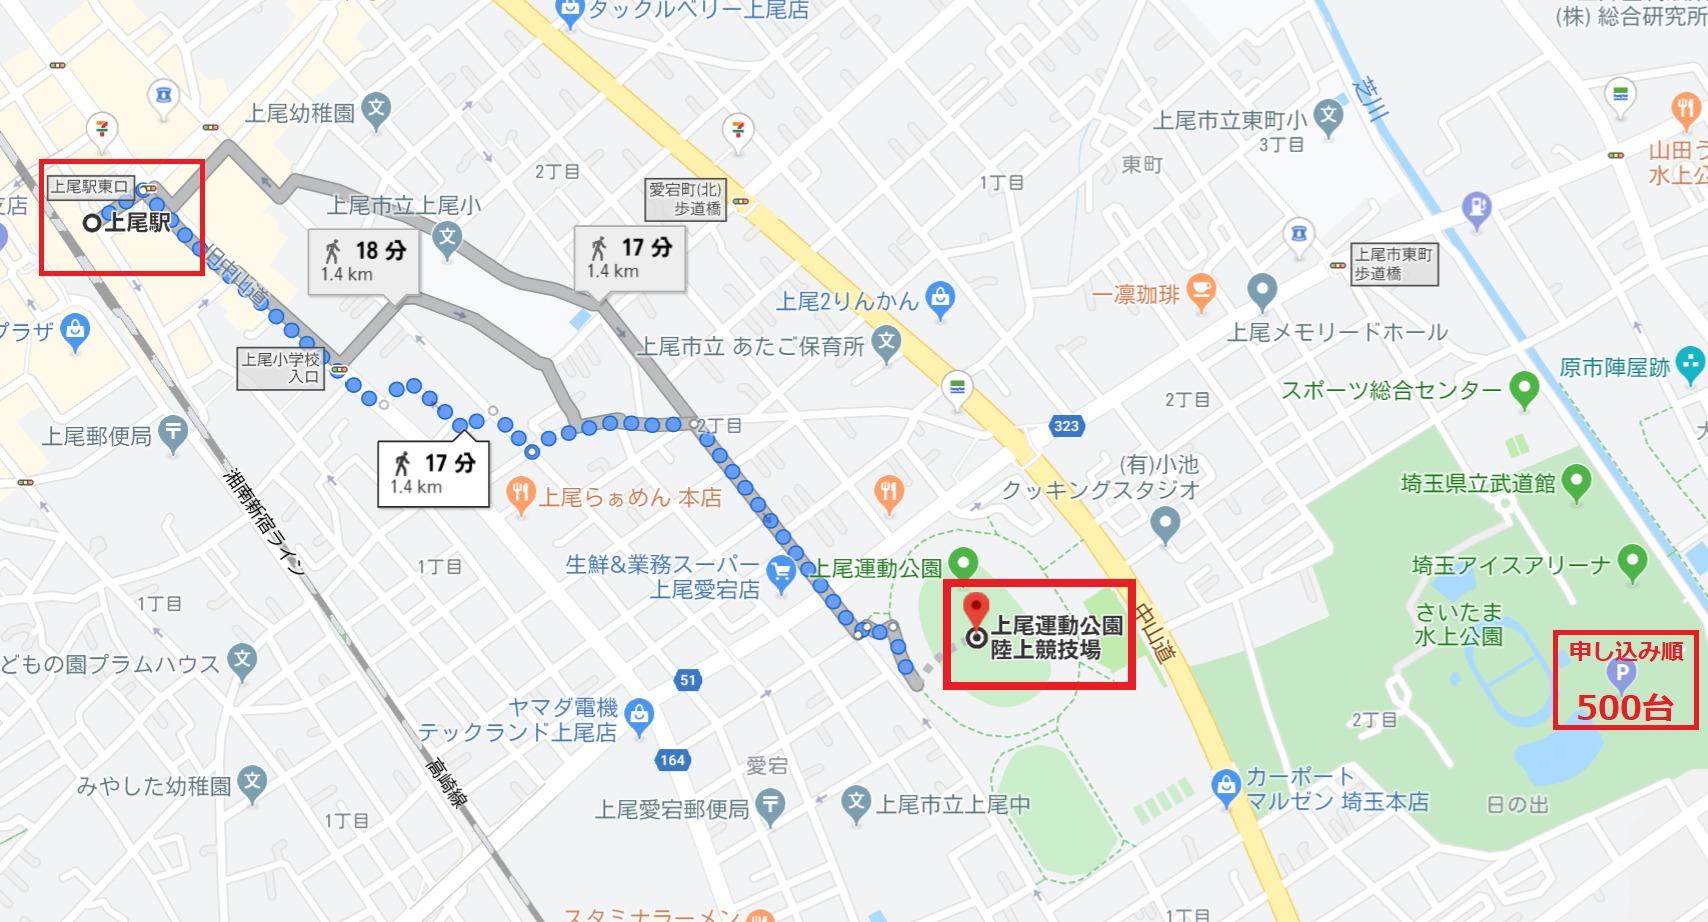 上尾シティハーフマラソン会場アクセスマップ